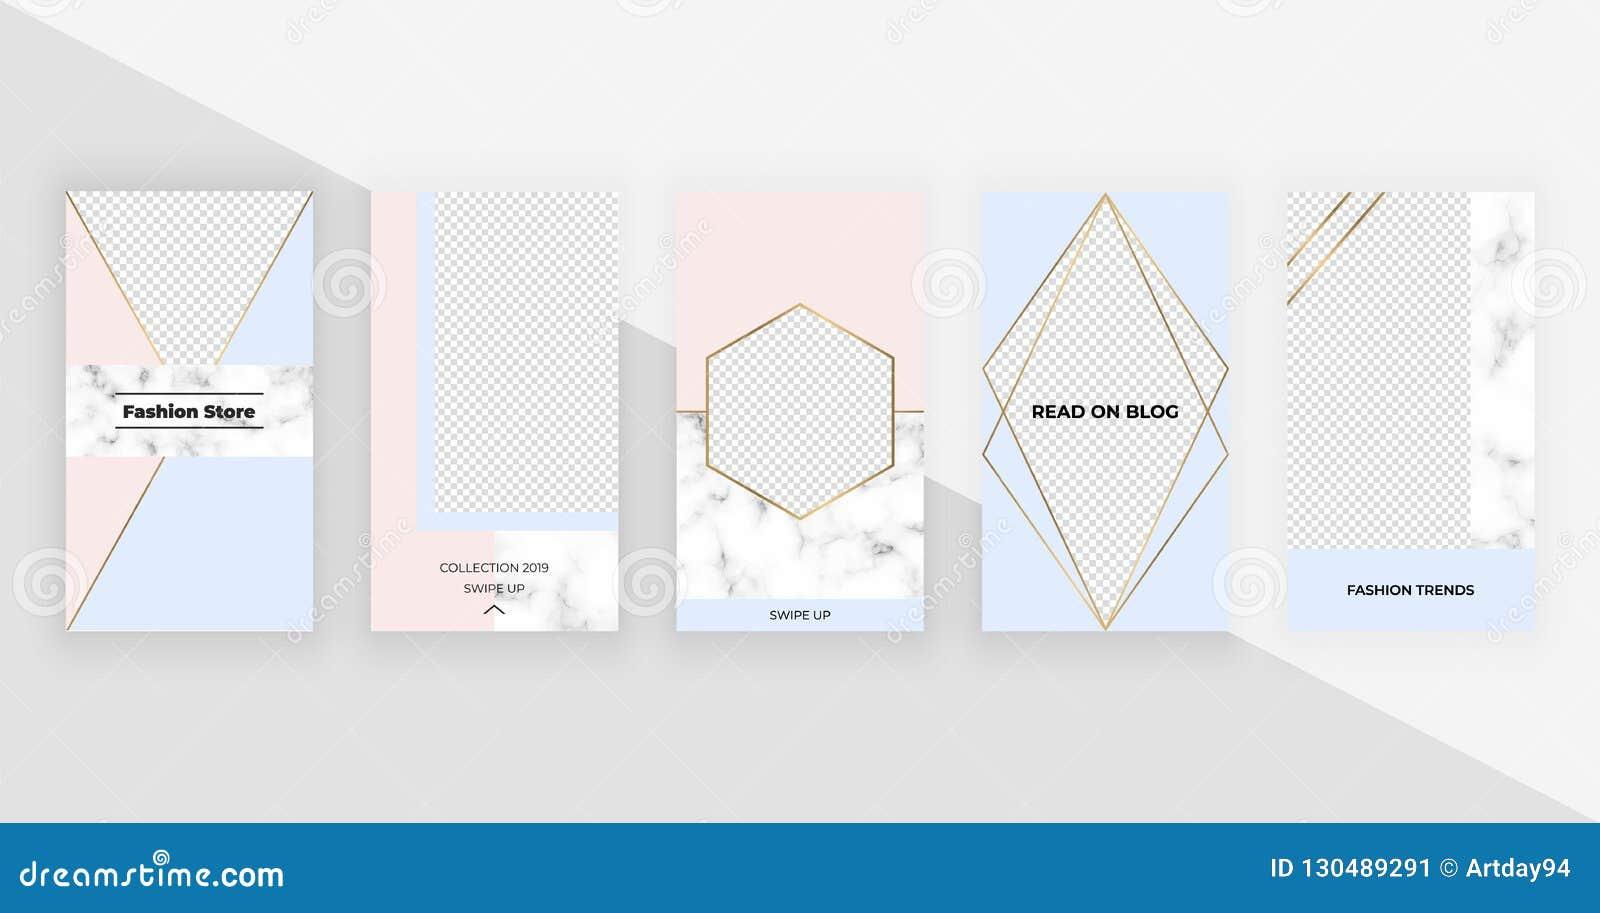 Γεωμετρικά πρότυπα μόδας για τις ιστορίες instagram, κοινωνικά μέσα, ιπτάμενα, κάρτα, αφίσα, έμβλημα Σύγχρονο σχέδιο κάλυψης με τ